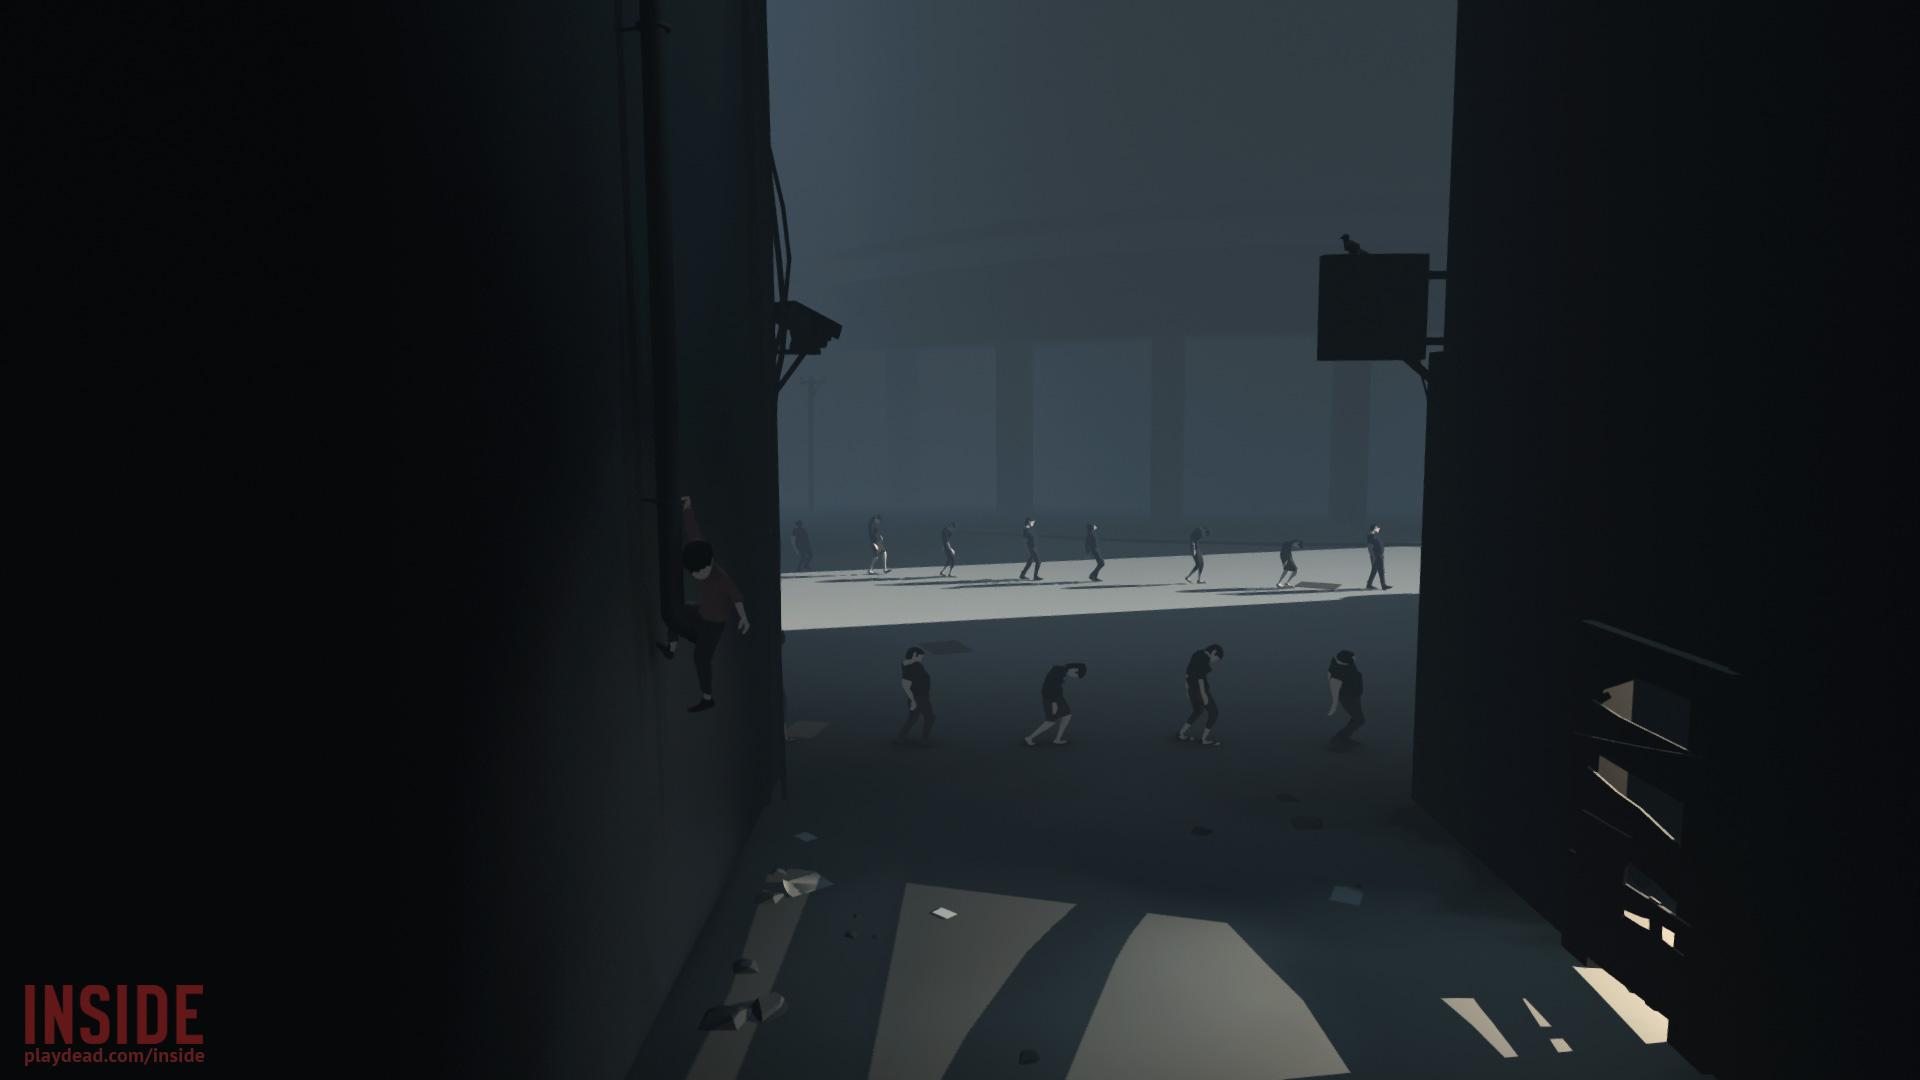 Inside 02